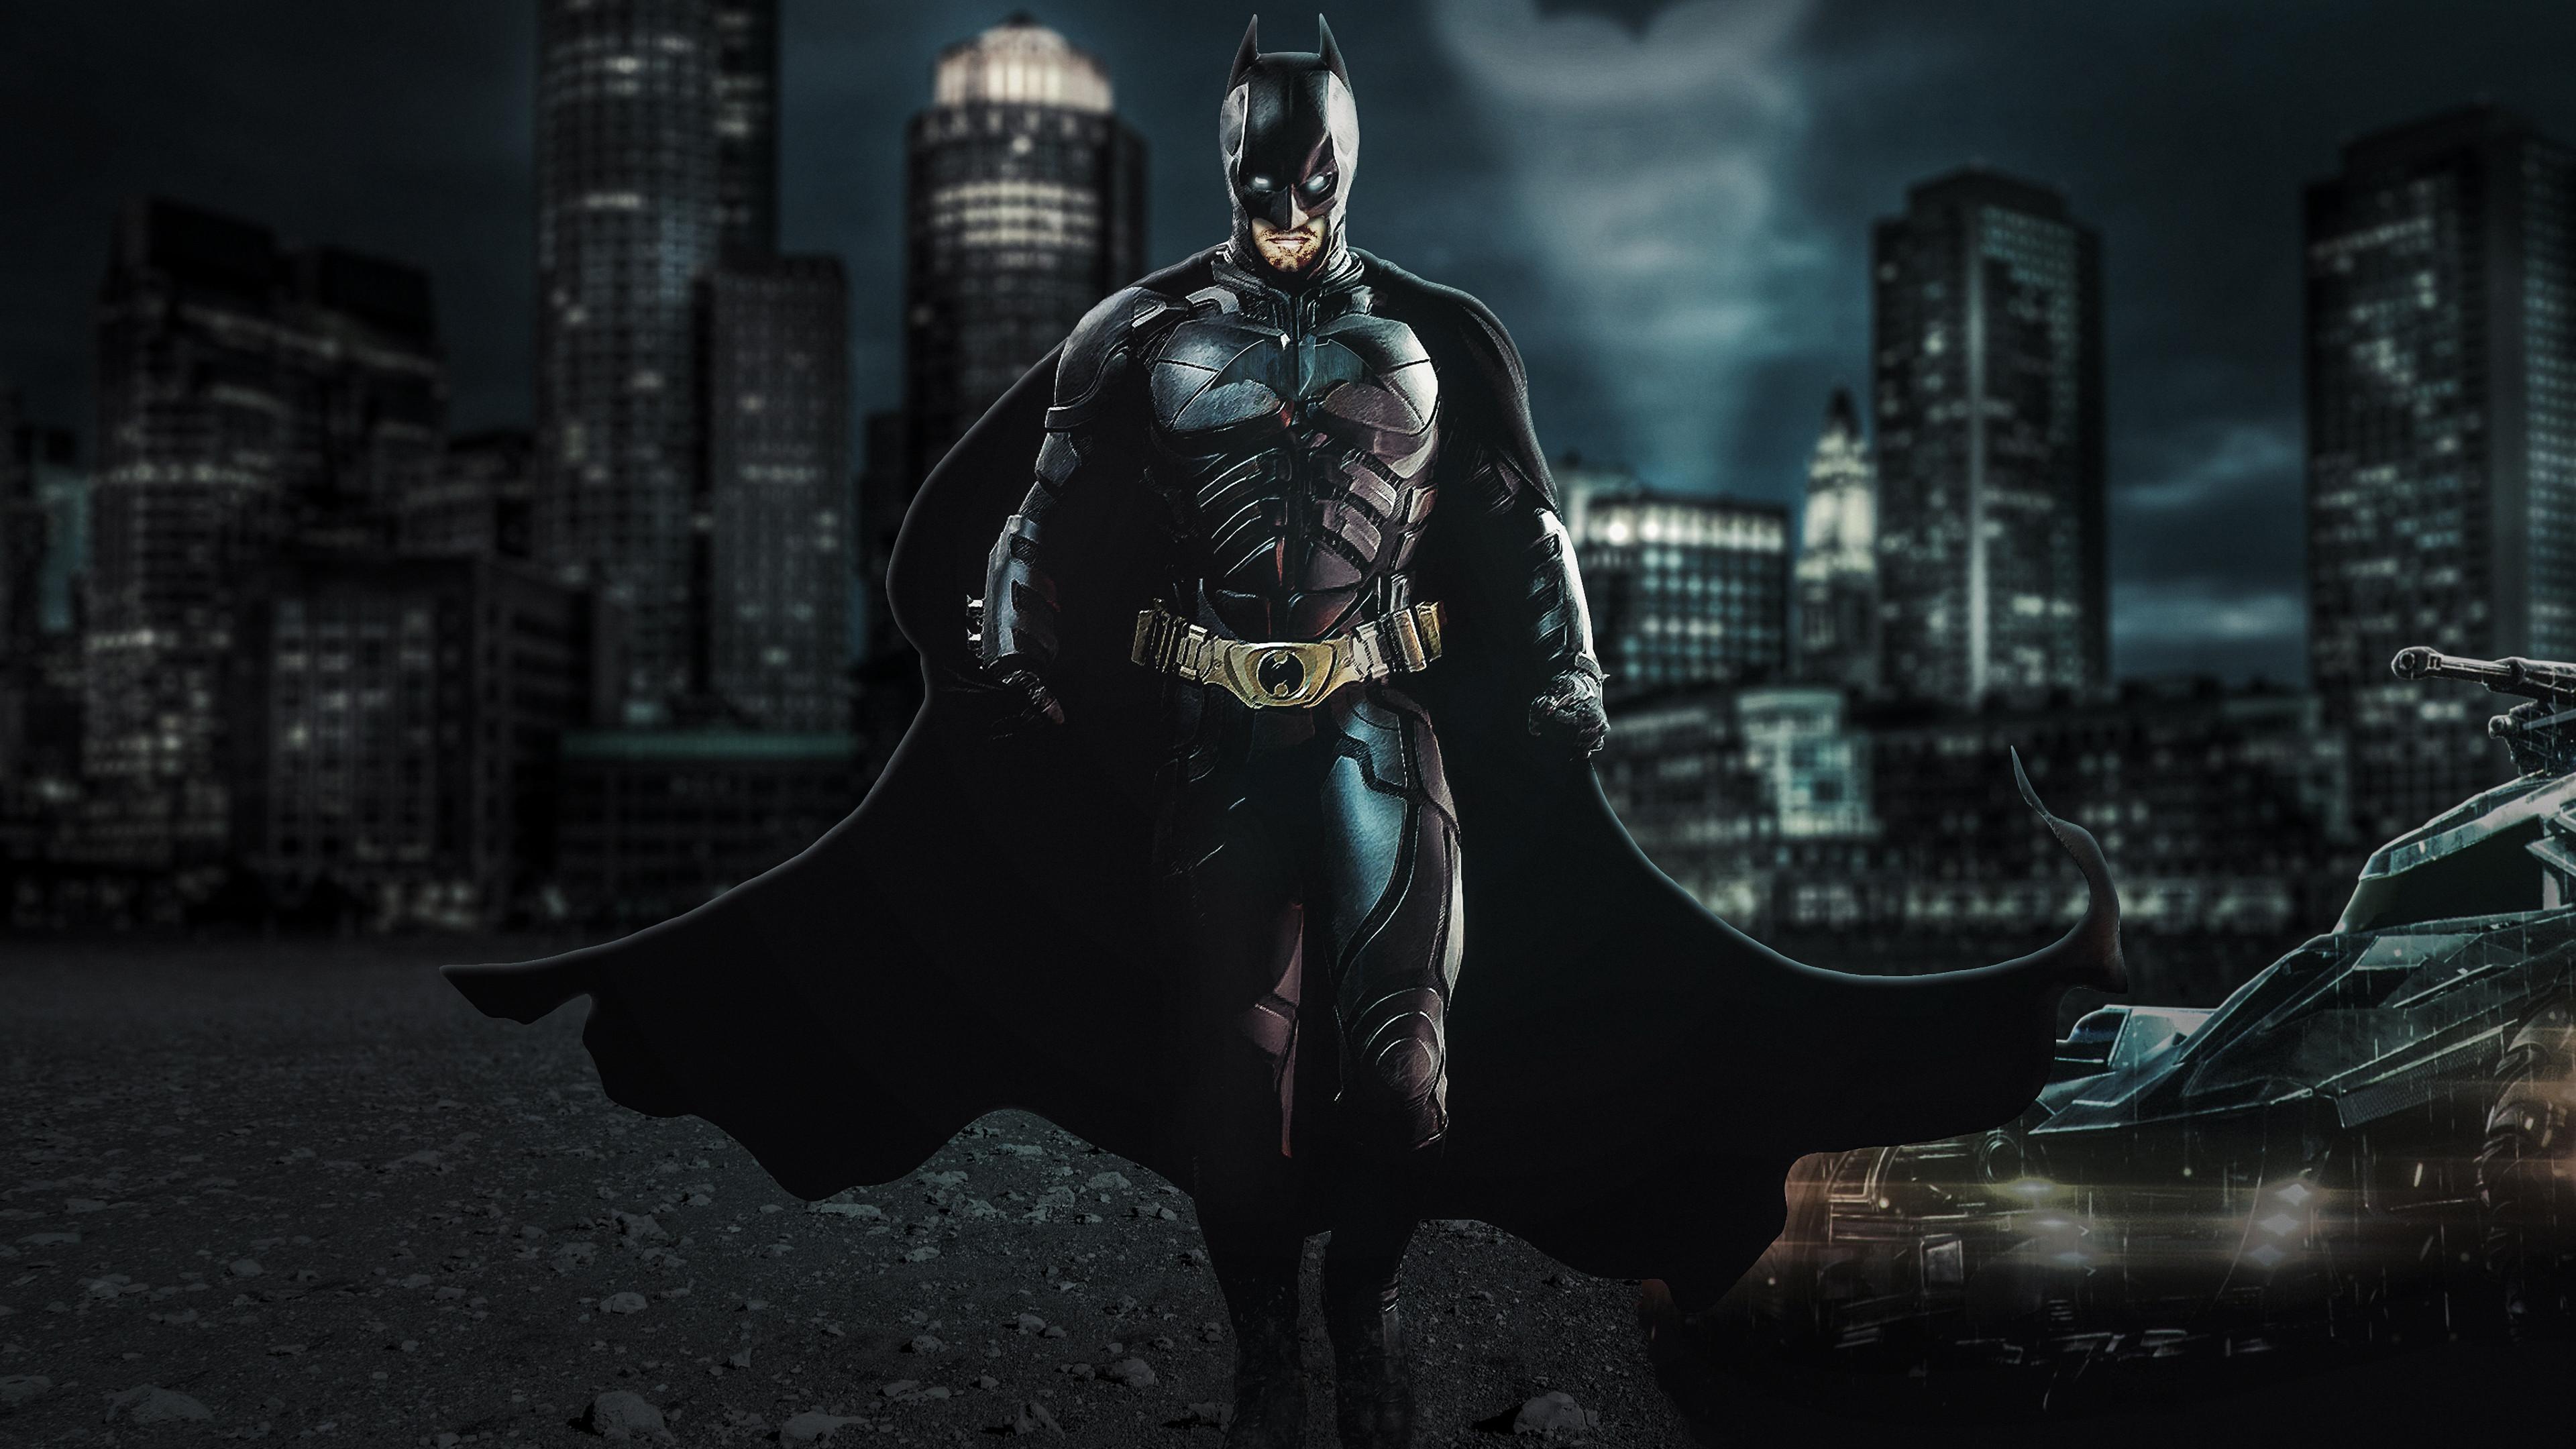 Batman 4K Wallpaper (71+ images)